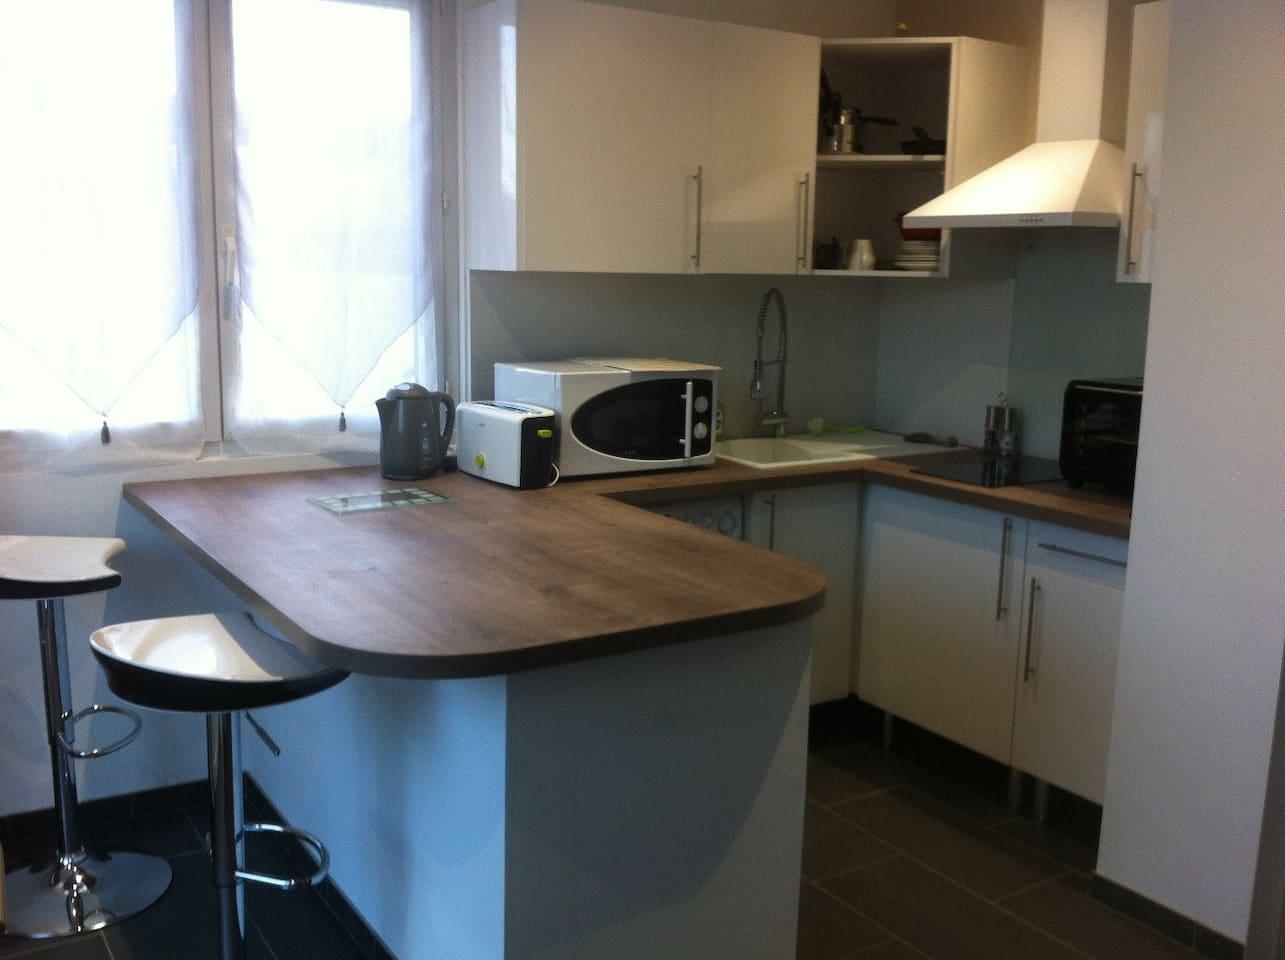 location d'appartements meublés à Tarbes